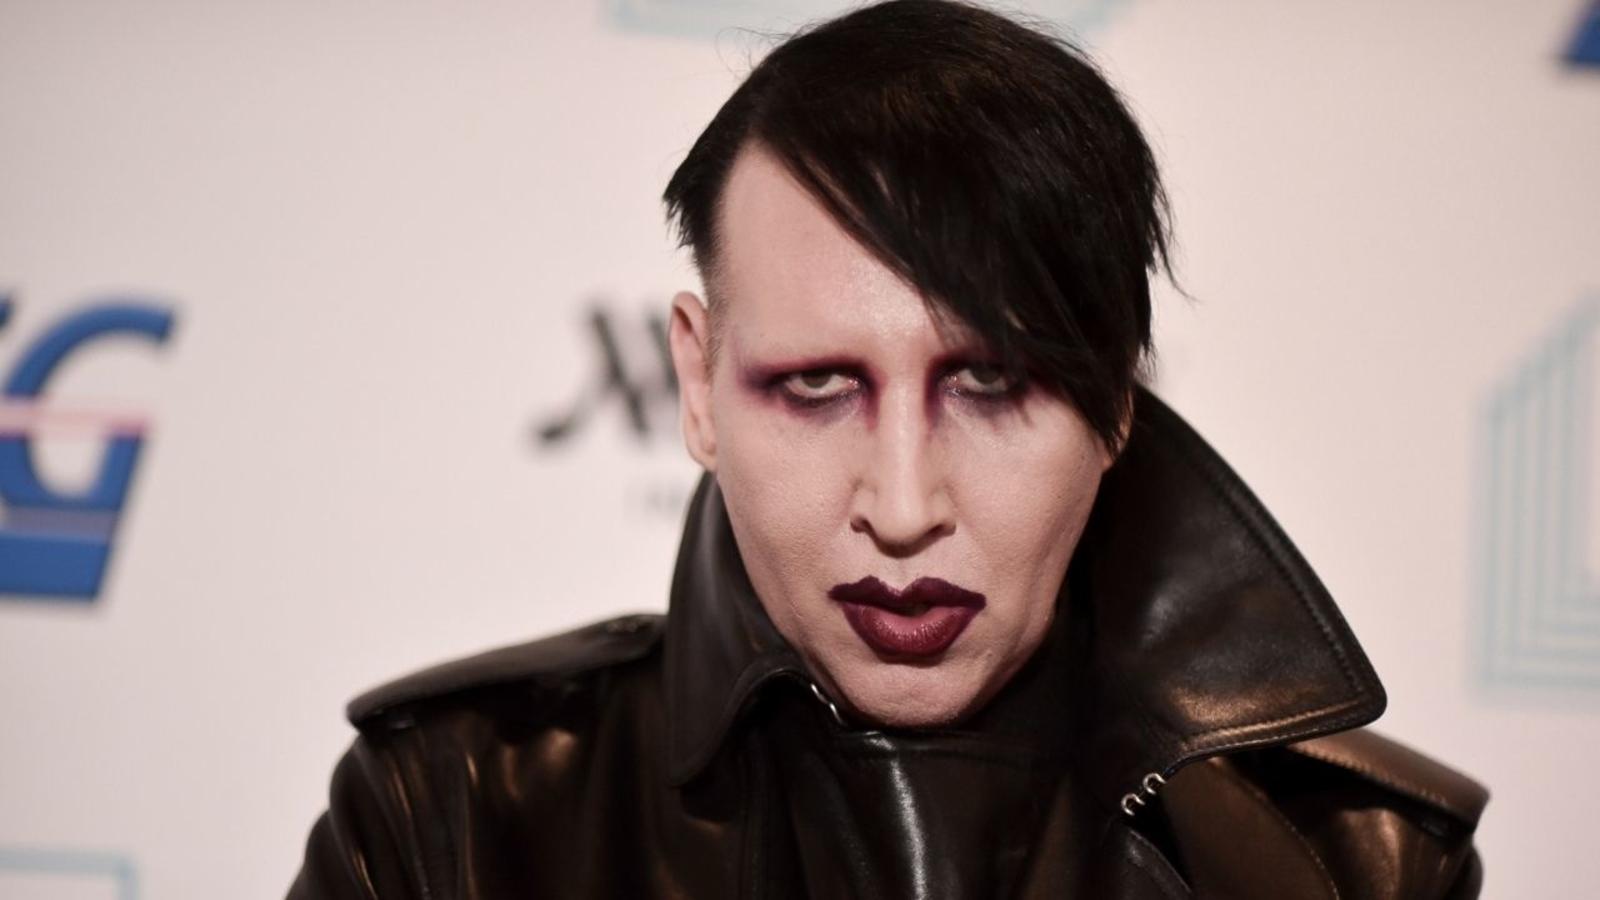 Marilyn Manson es investigado por la policía de Los Ángeles tras acusaciones de abuso